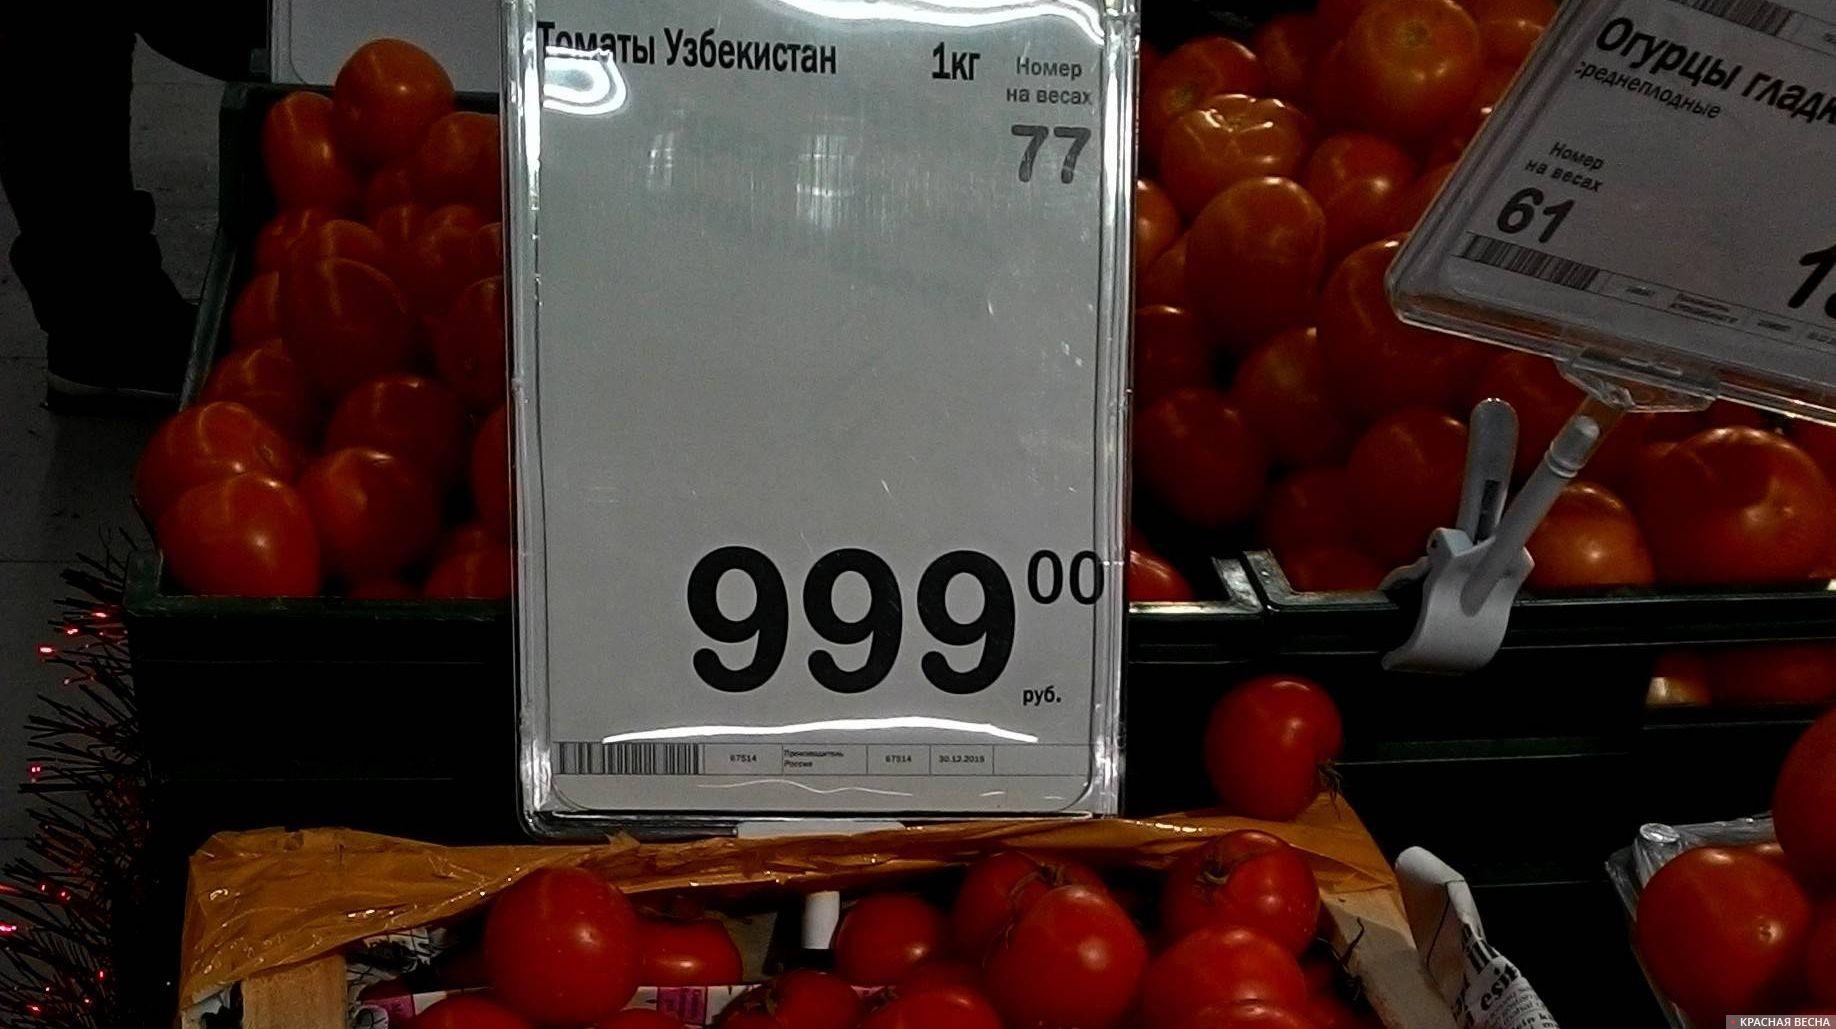 Индексации МРОТ - на помидоры не хватит